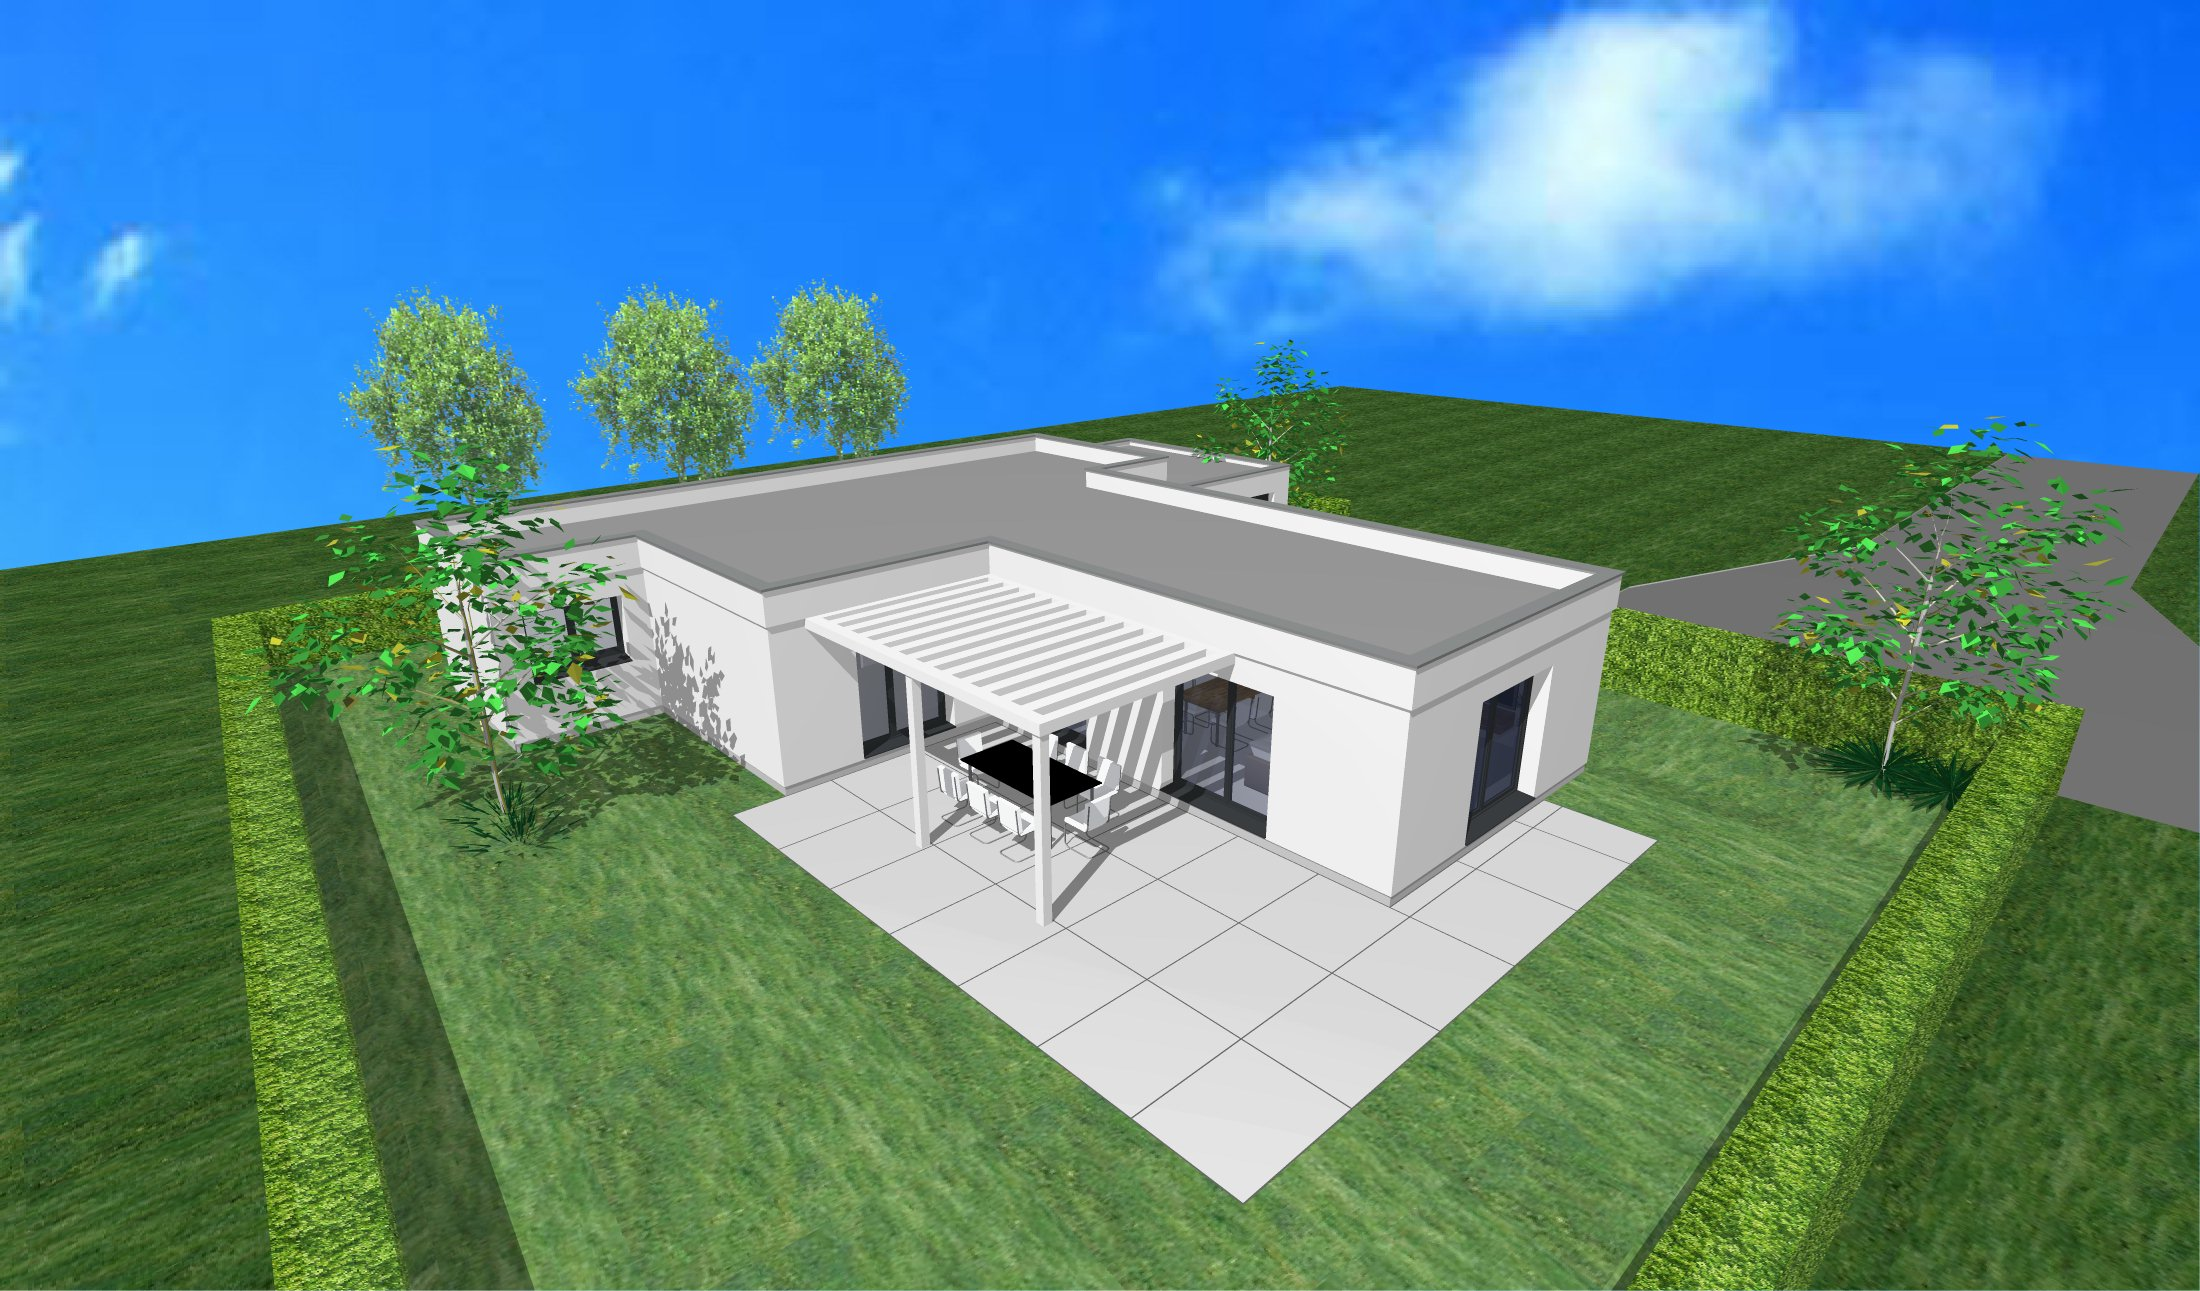 Maisons + Terrains du constructeur CREAGES • 120 m² • KEMBS LOECHLE